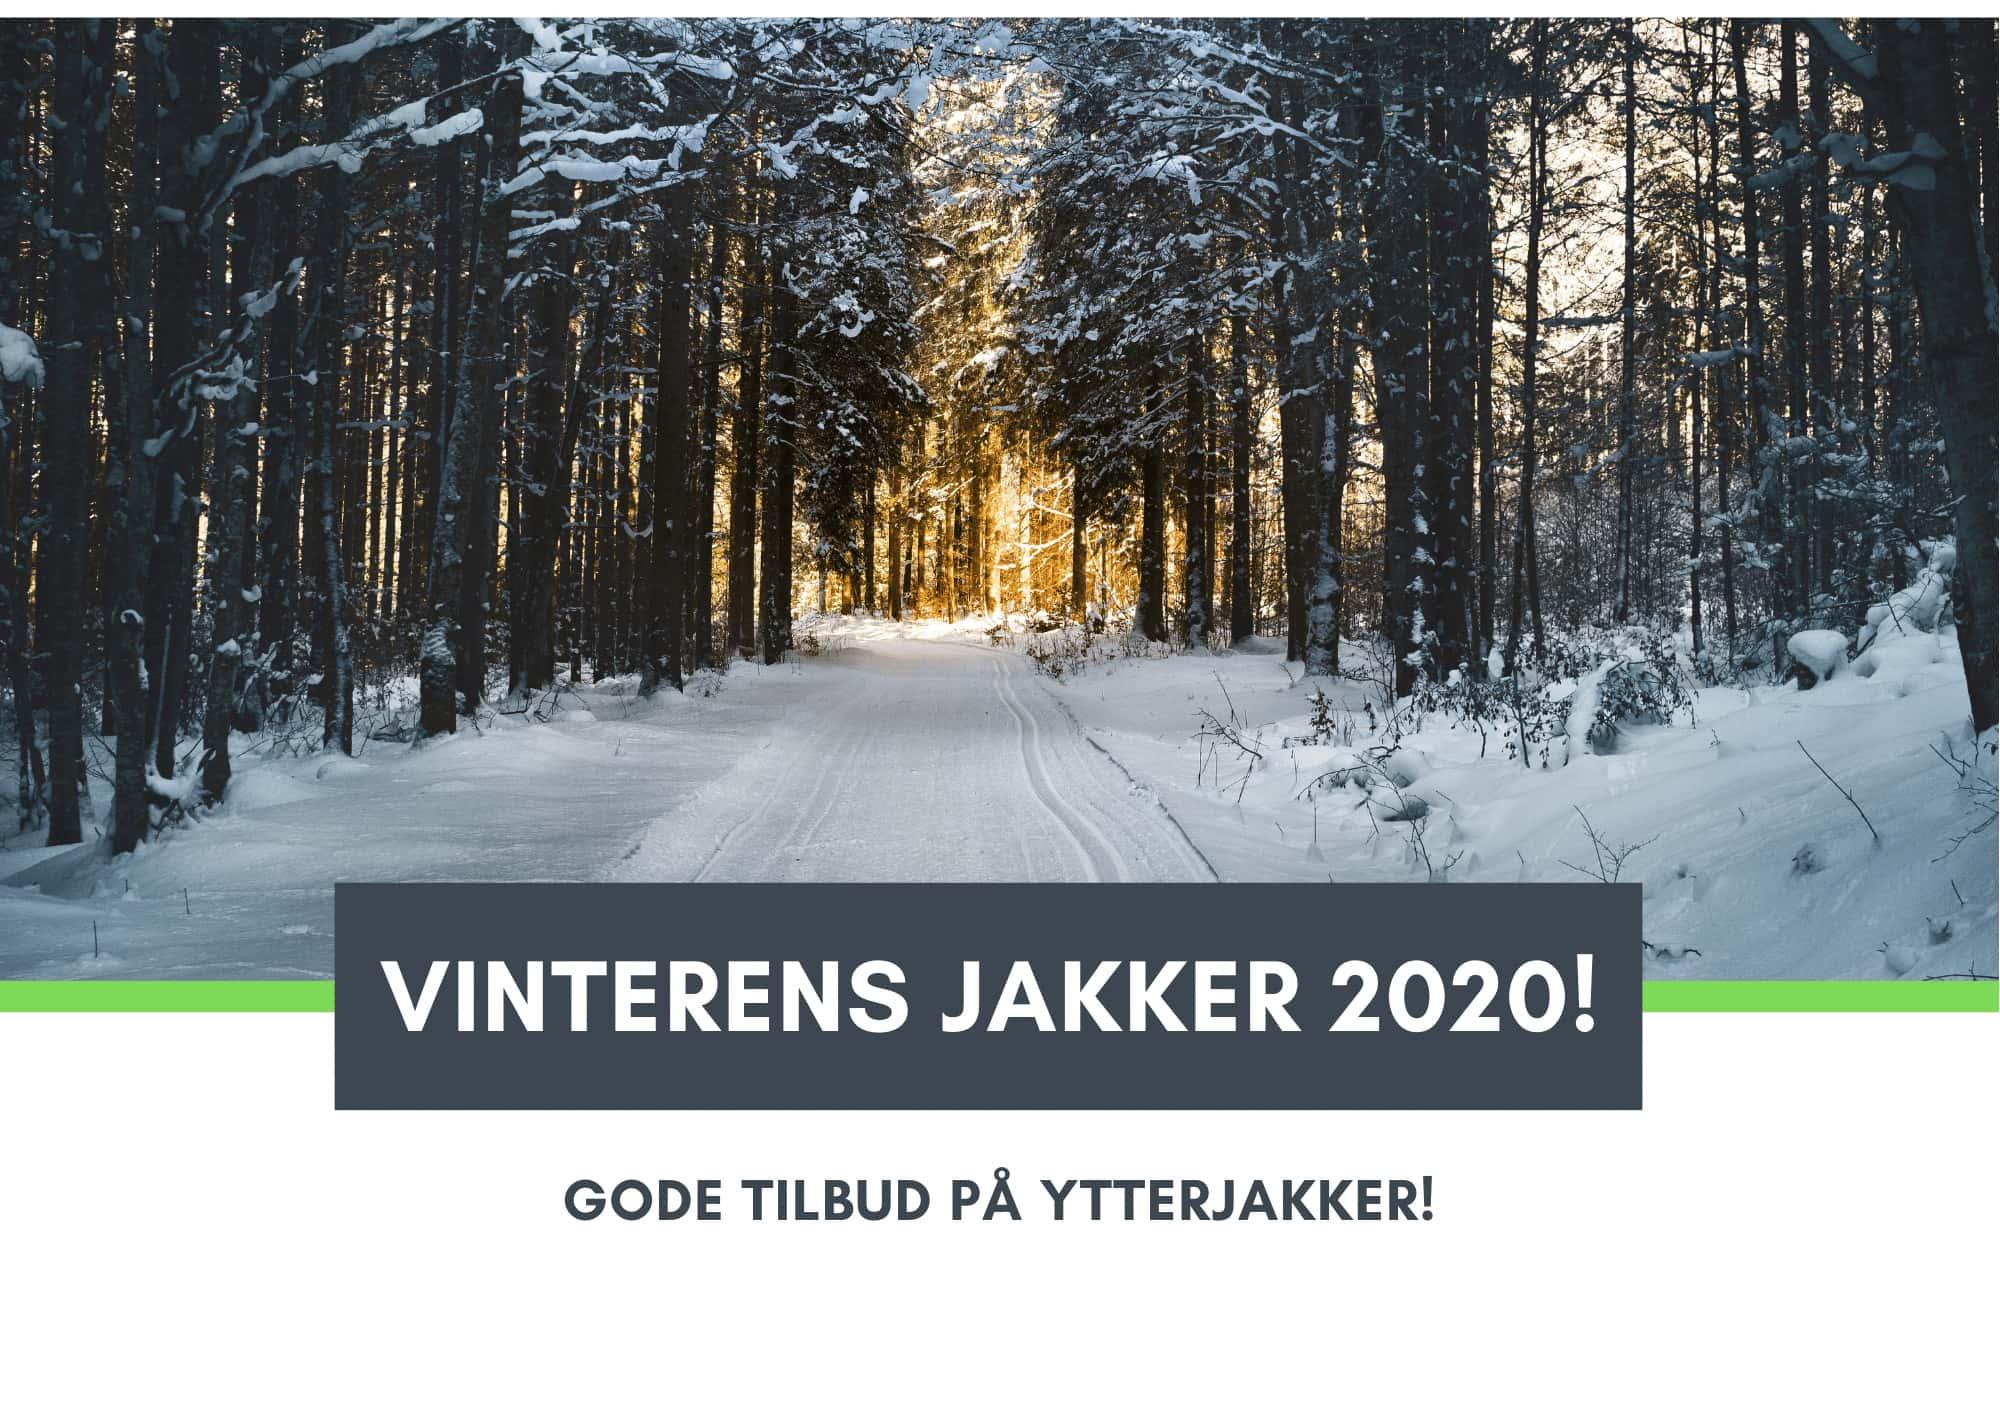 Vinterens jakker 2020